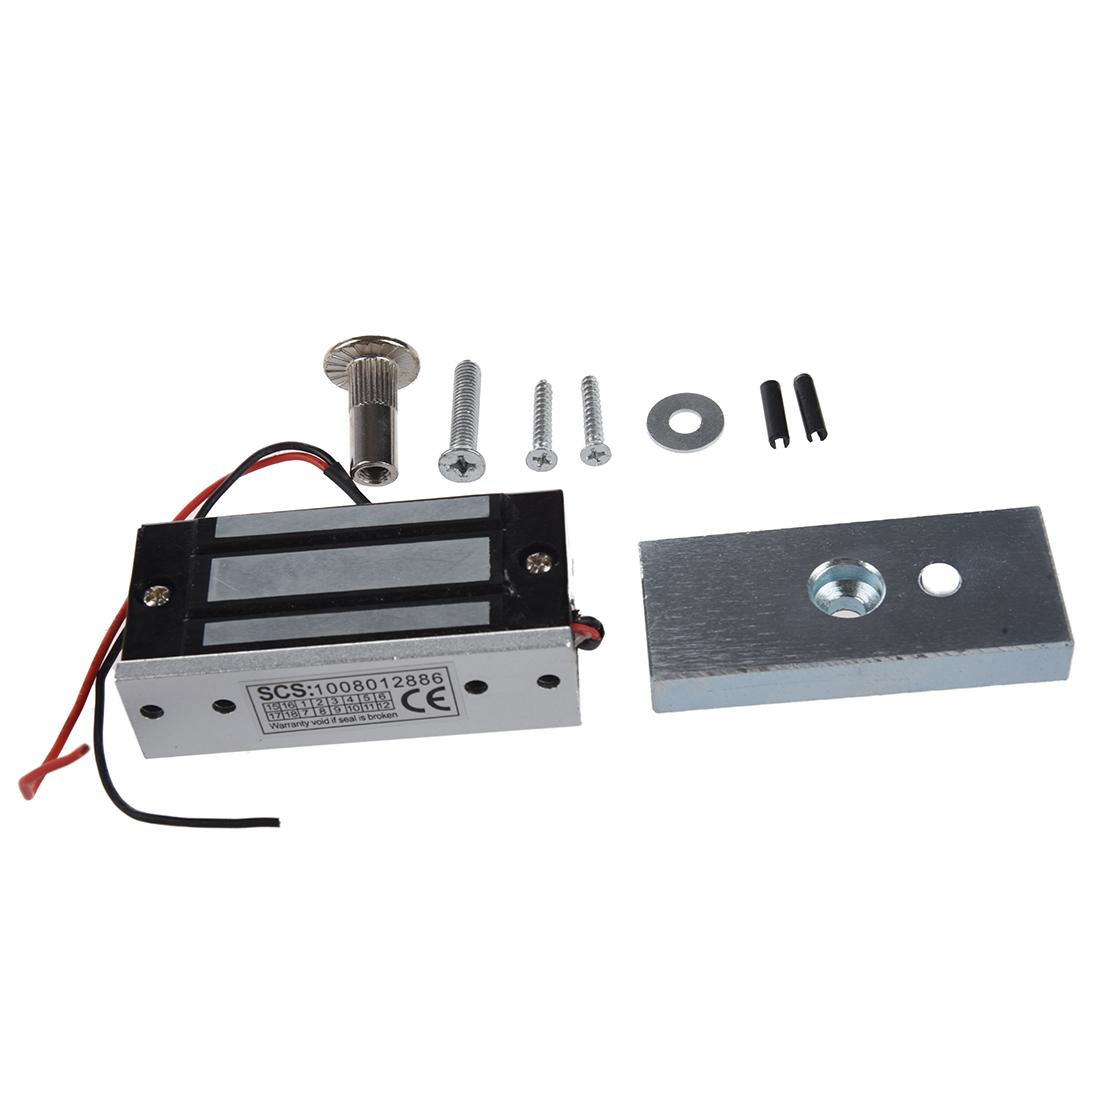 Kapı Erişim Kontrol Sistemi Için Mool 60kg 130 £ Tutan Güç, Elektrik,  Manyetik Kilit Başarısız Elektromıknatıs-güvenli Nc Modu Satılık! \  Dancerbazaar.com